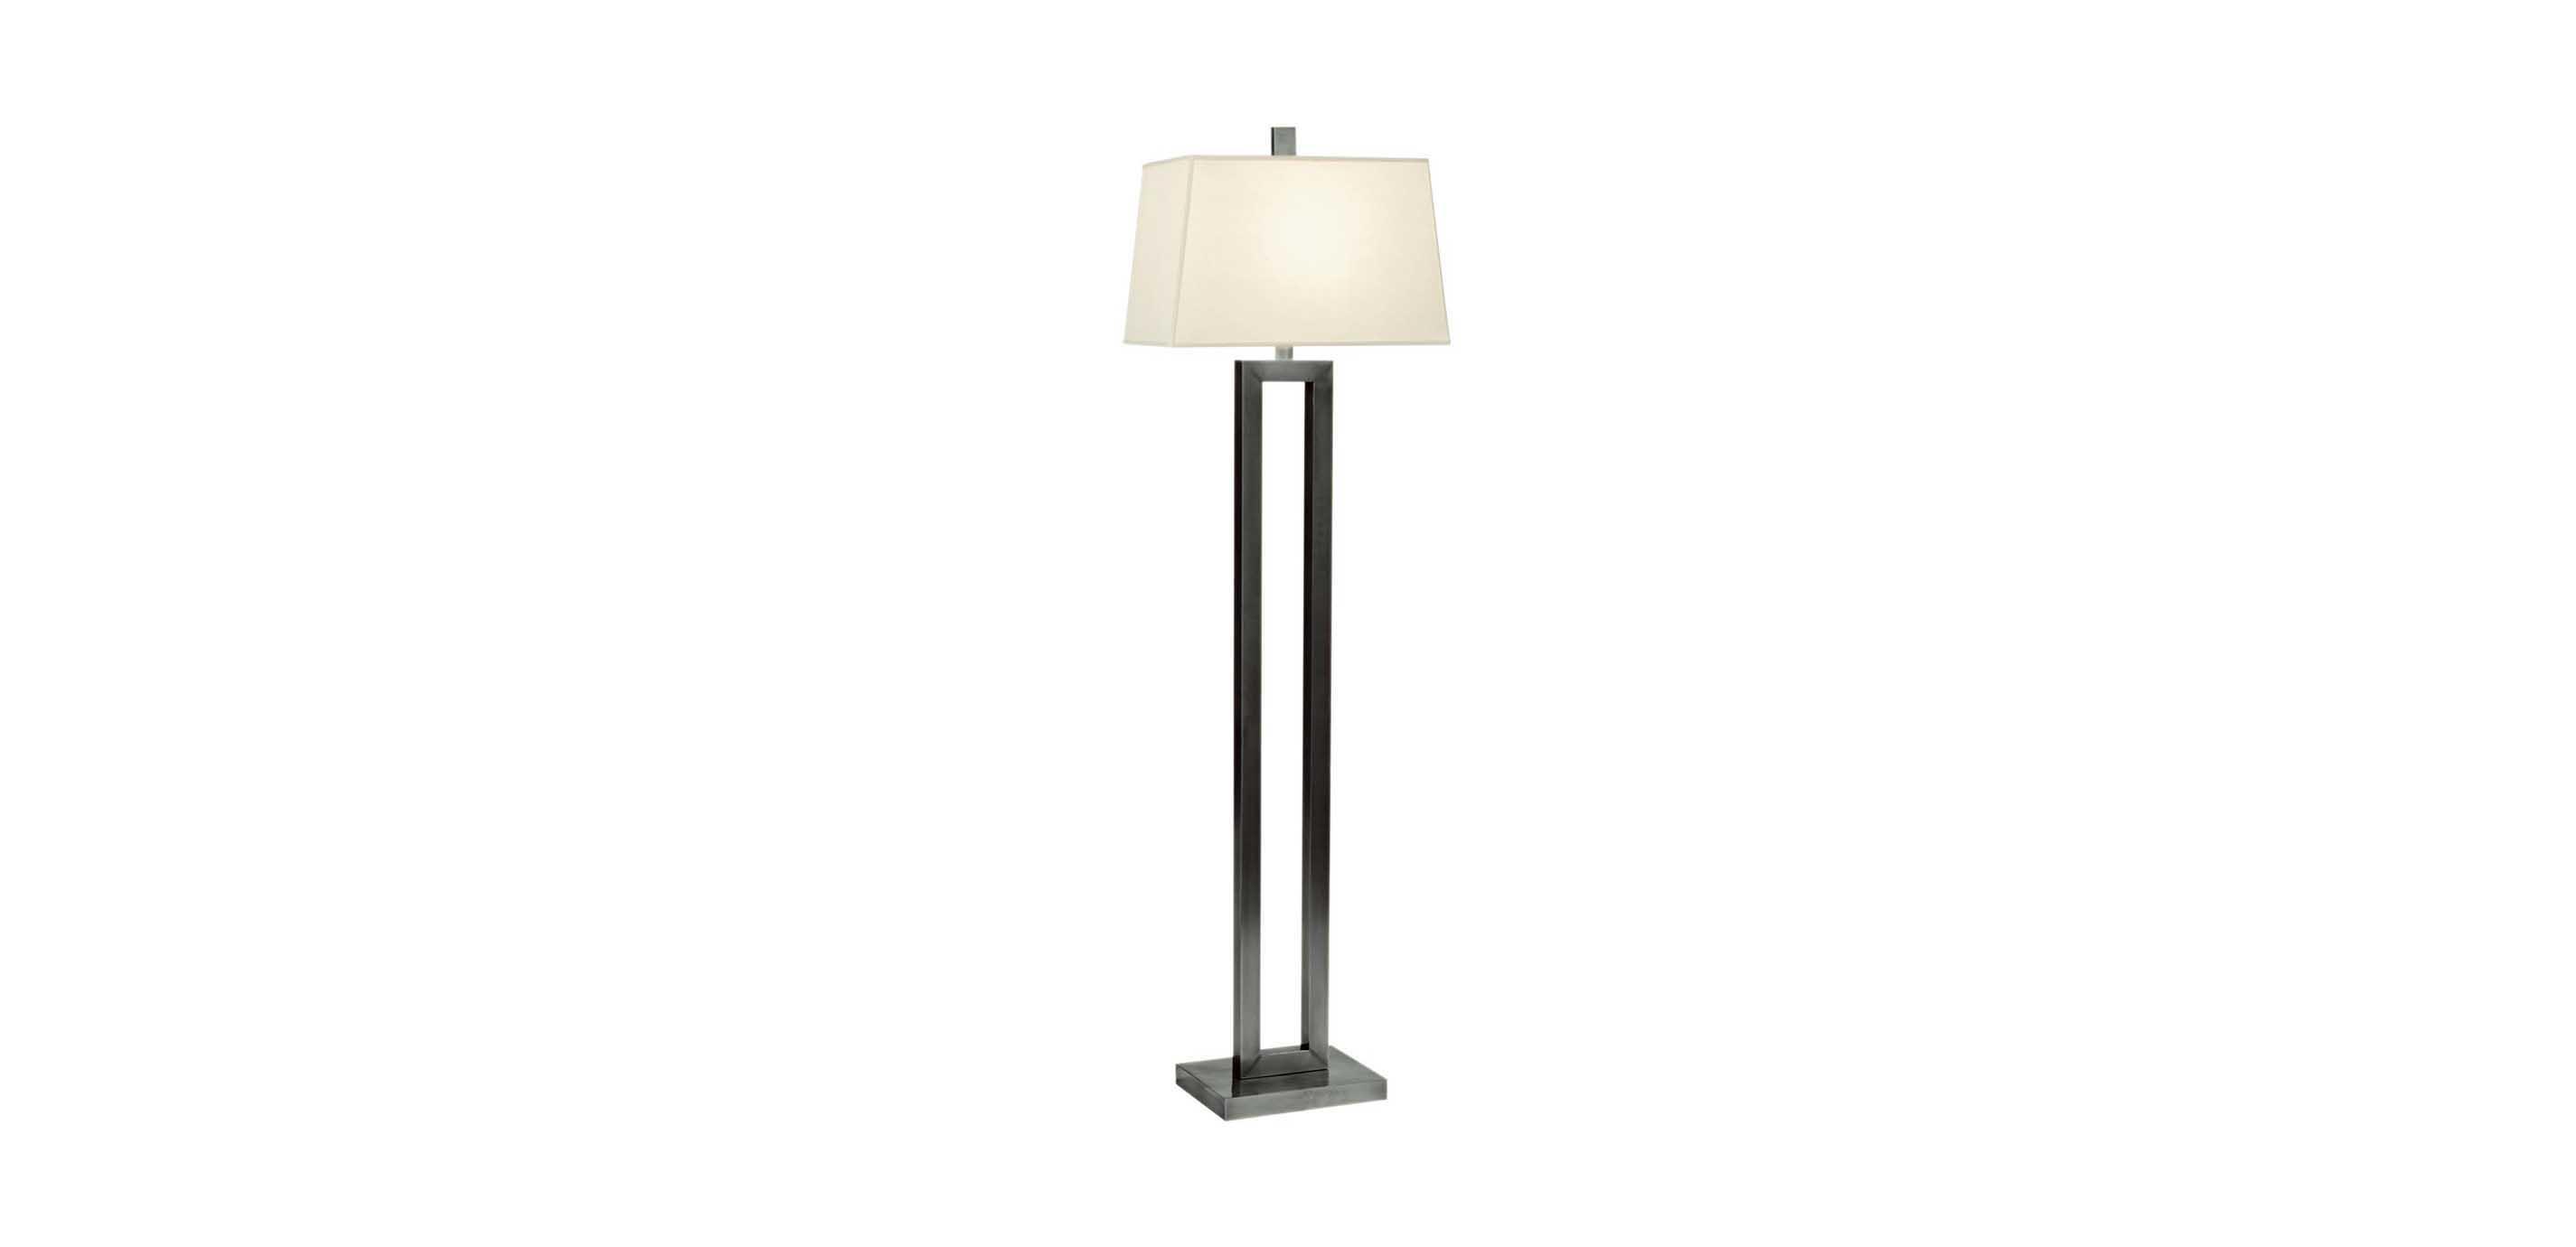 Stafford bronze floor lamp floor lamps ethan allen images null aloadofball Gallery